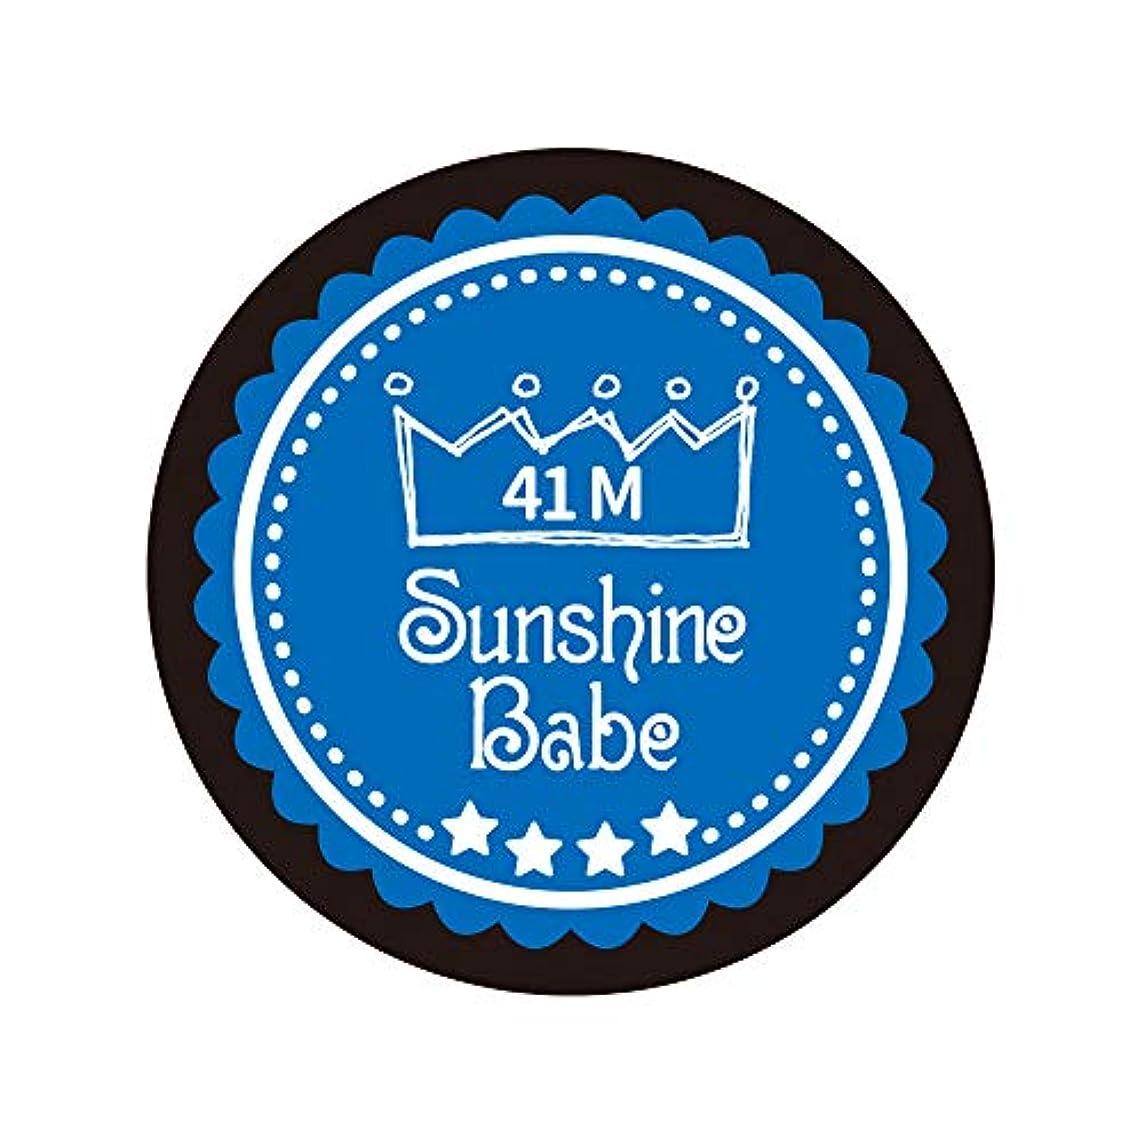 チーム定数復活させるSunshine Babe カラージェル 41M ネブラスブルー 2.7g UV/LED対応